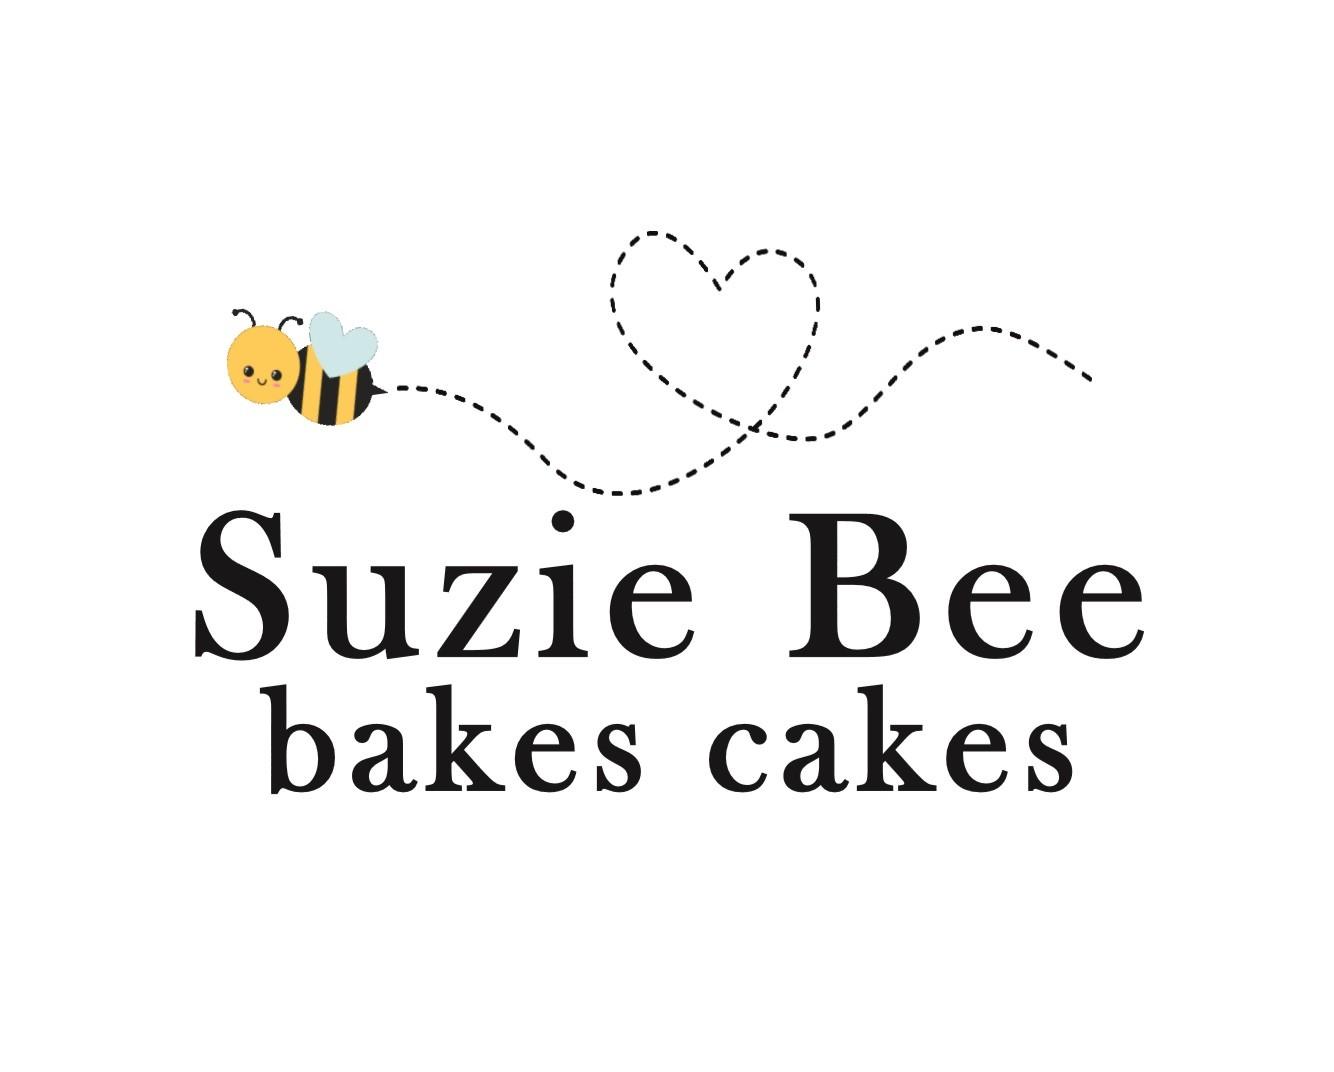 Suzie bee bakes cakes